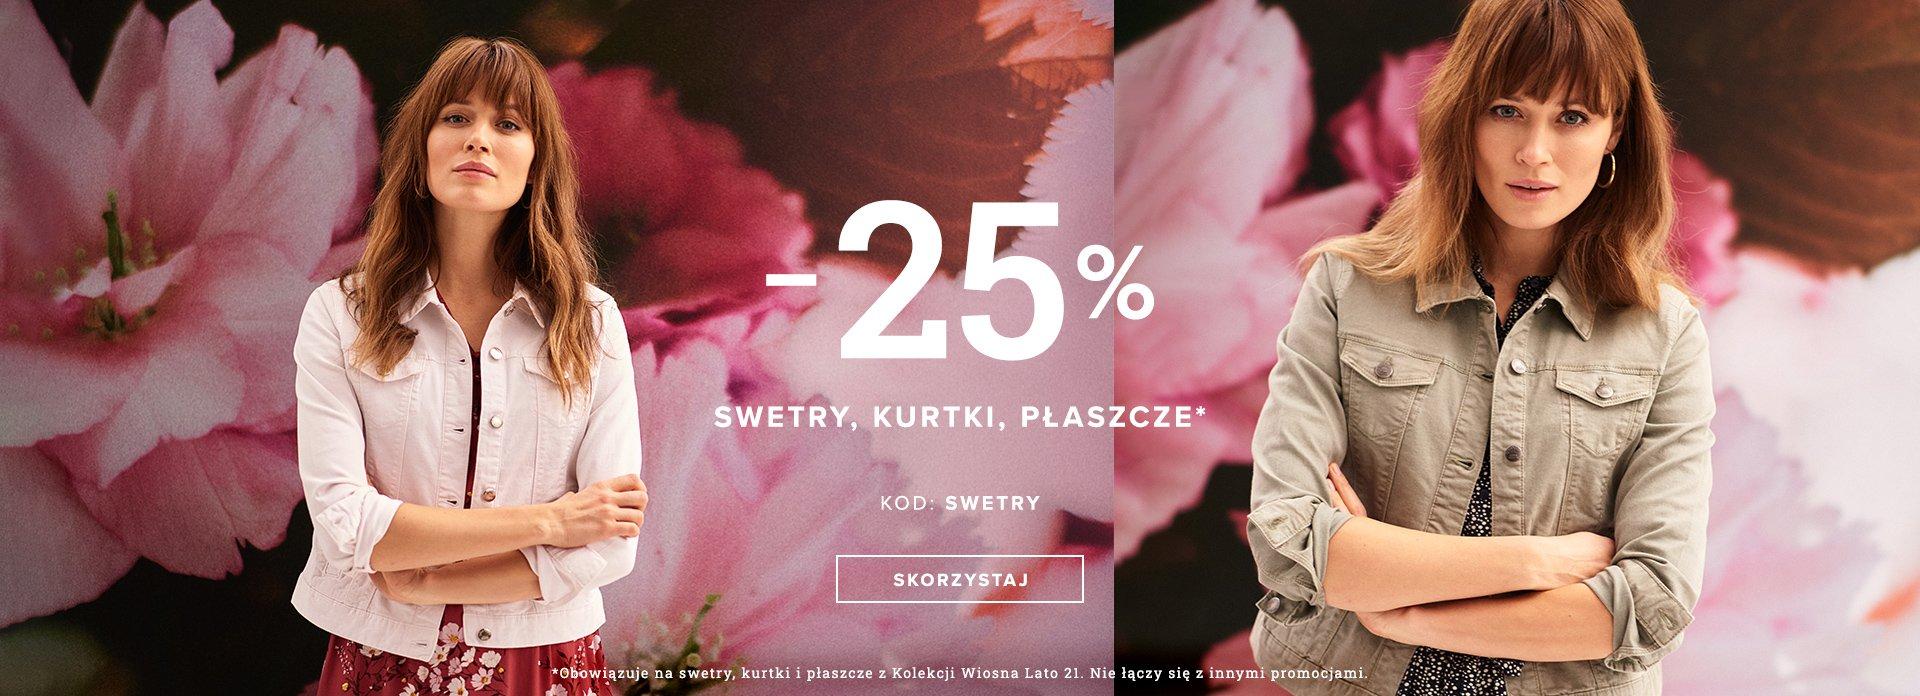 Greenpoint Greenpoint: 25% zniżki na swetry, kurtki i płaszcze